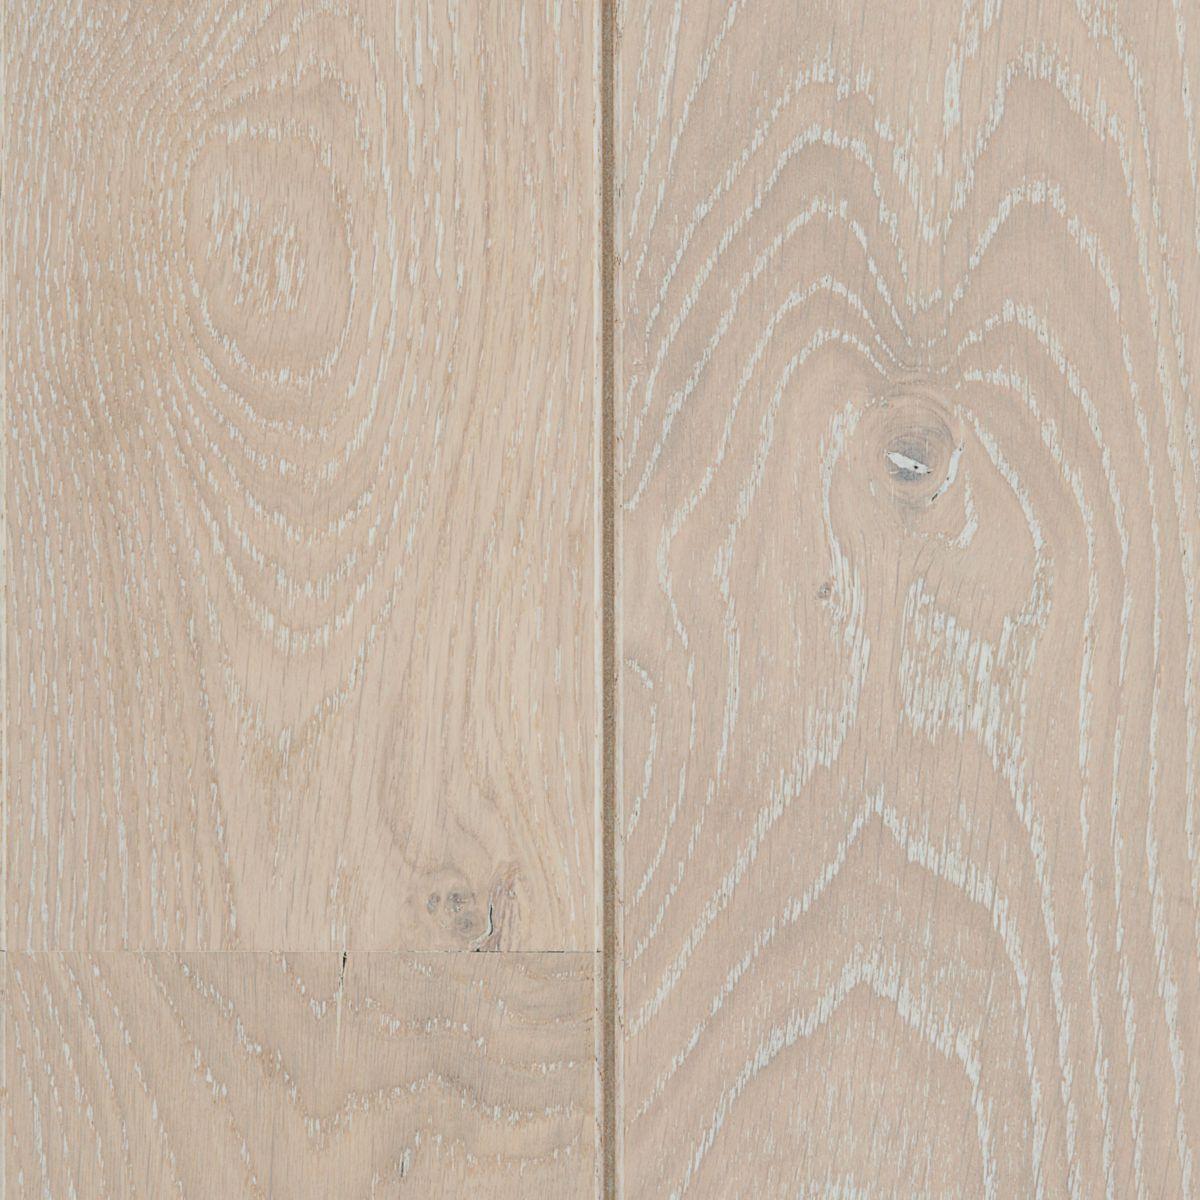 PANAGET - Lambris bois mural chêne huile tufeau chêne ... - Lambris Chene